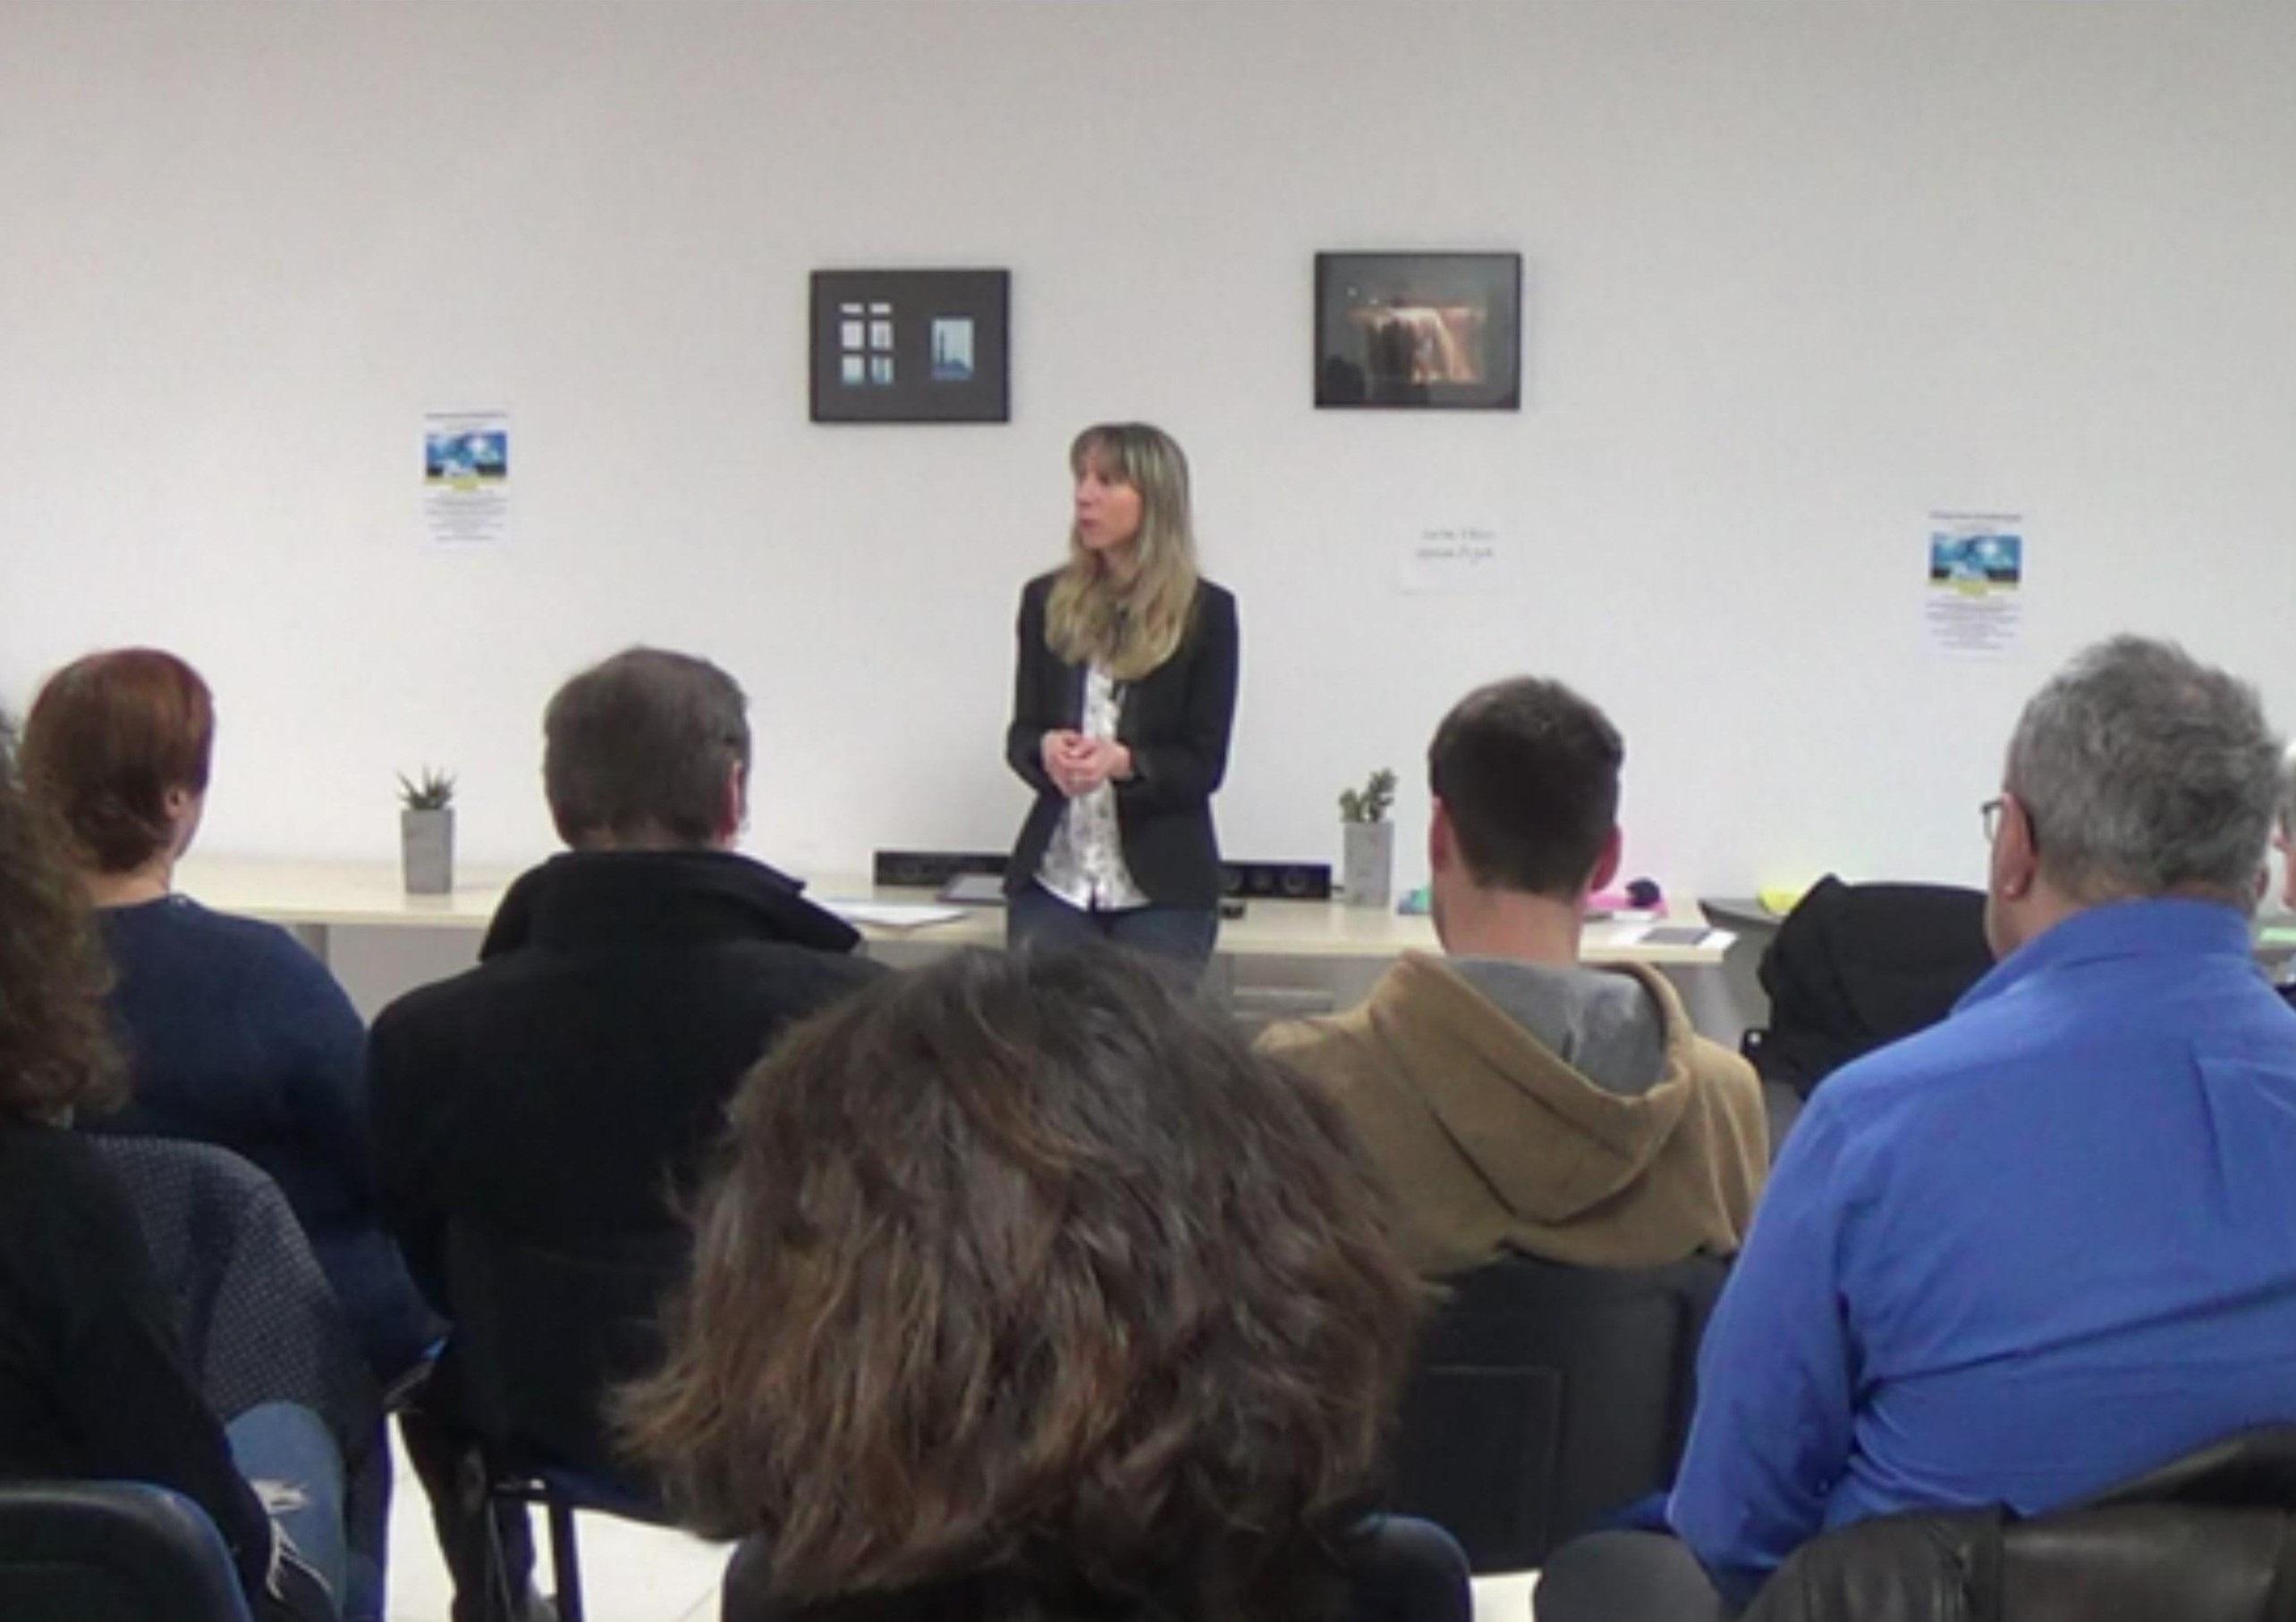 conférence Maud Barrault hypnose Orléans le 4 mai 2017